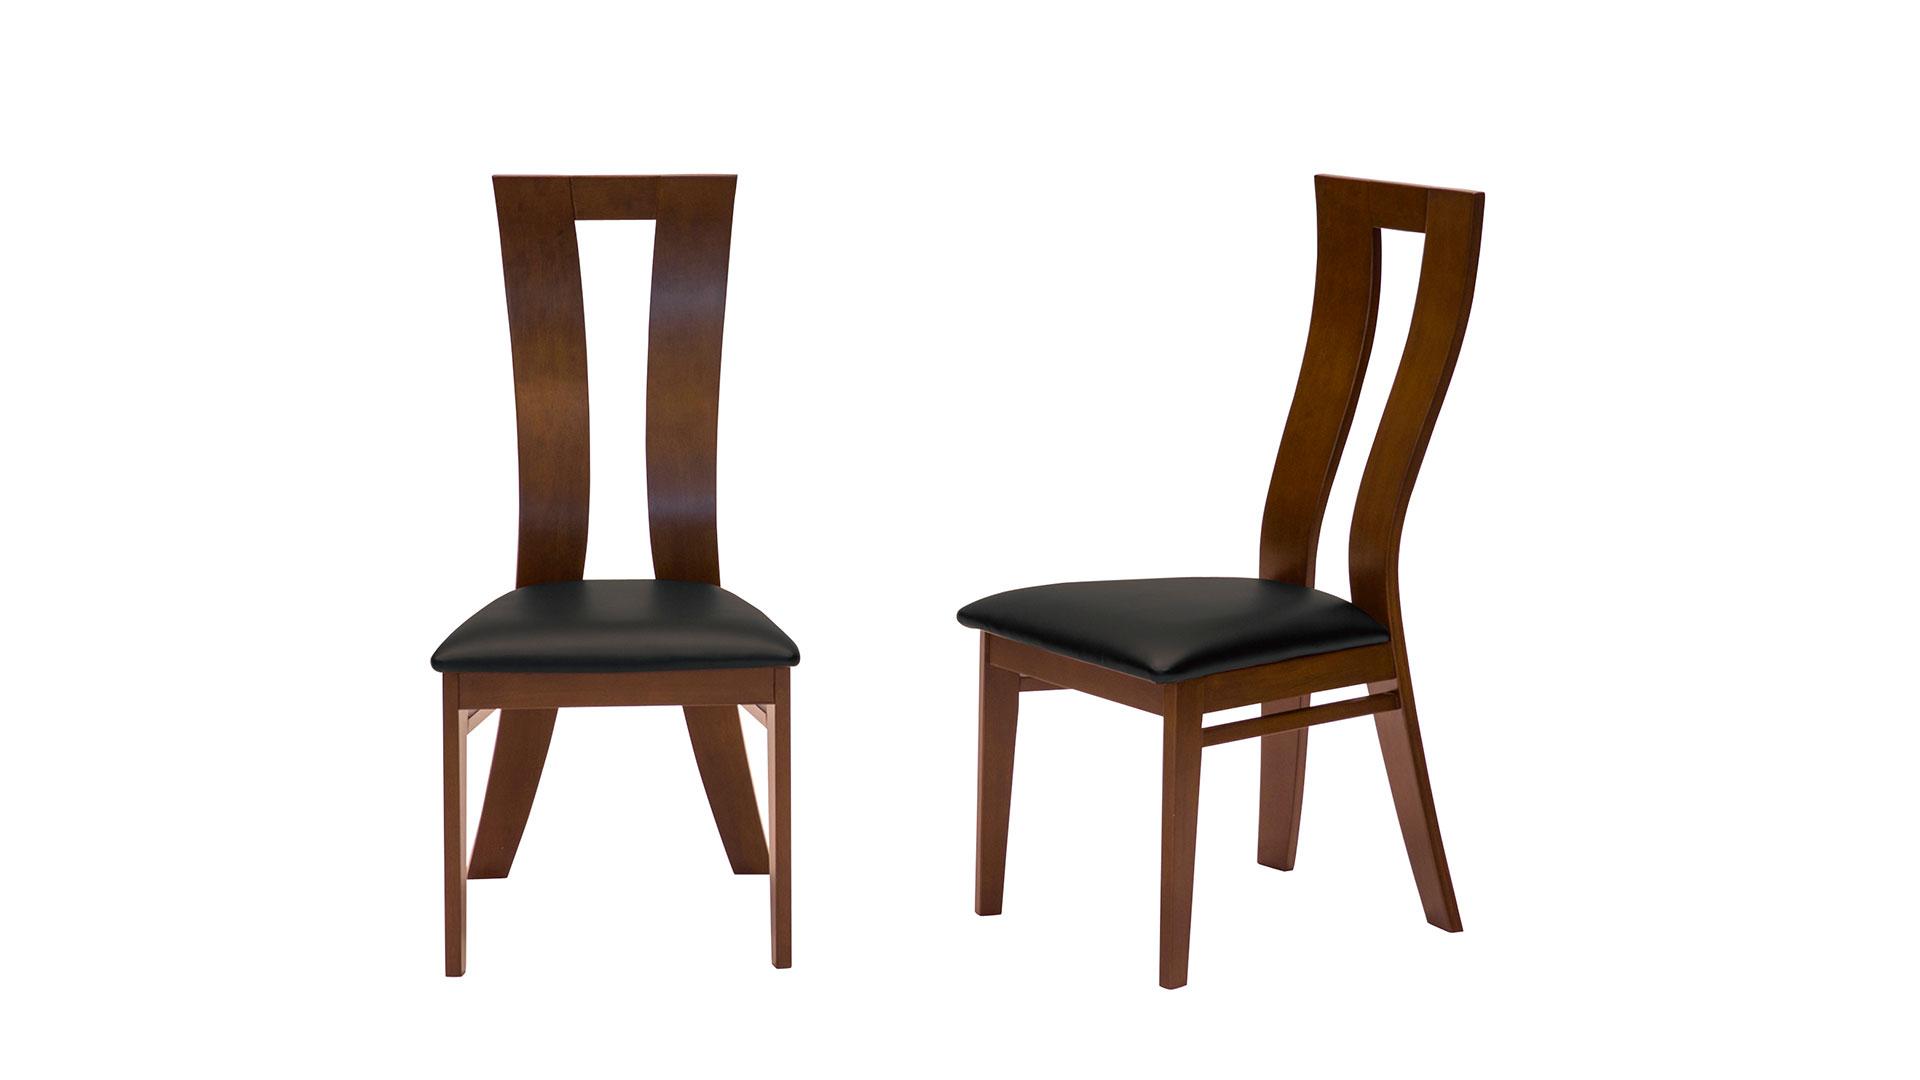 リビンズのダイニングセット「ライトルⅡ」の椅子の画像